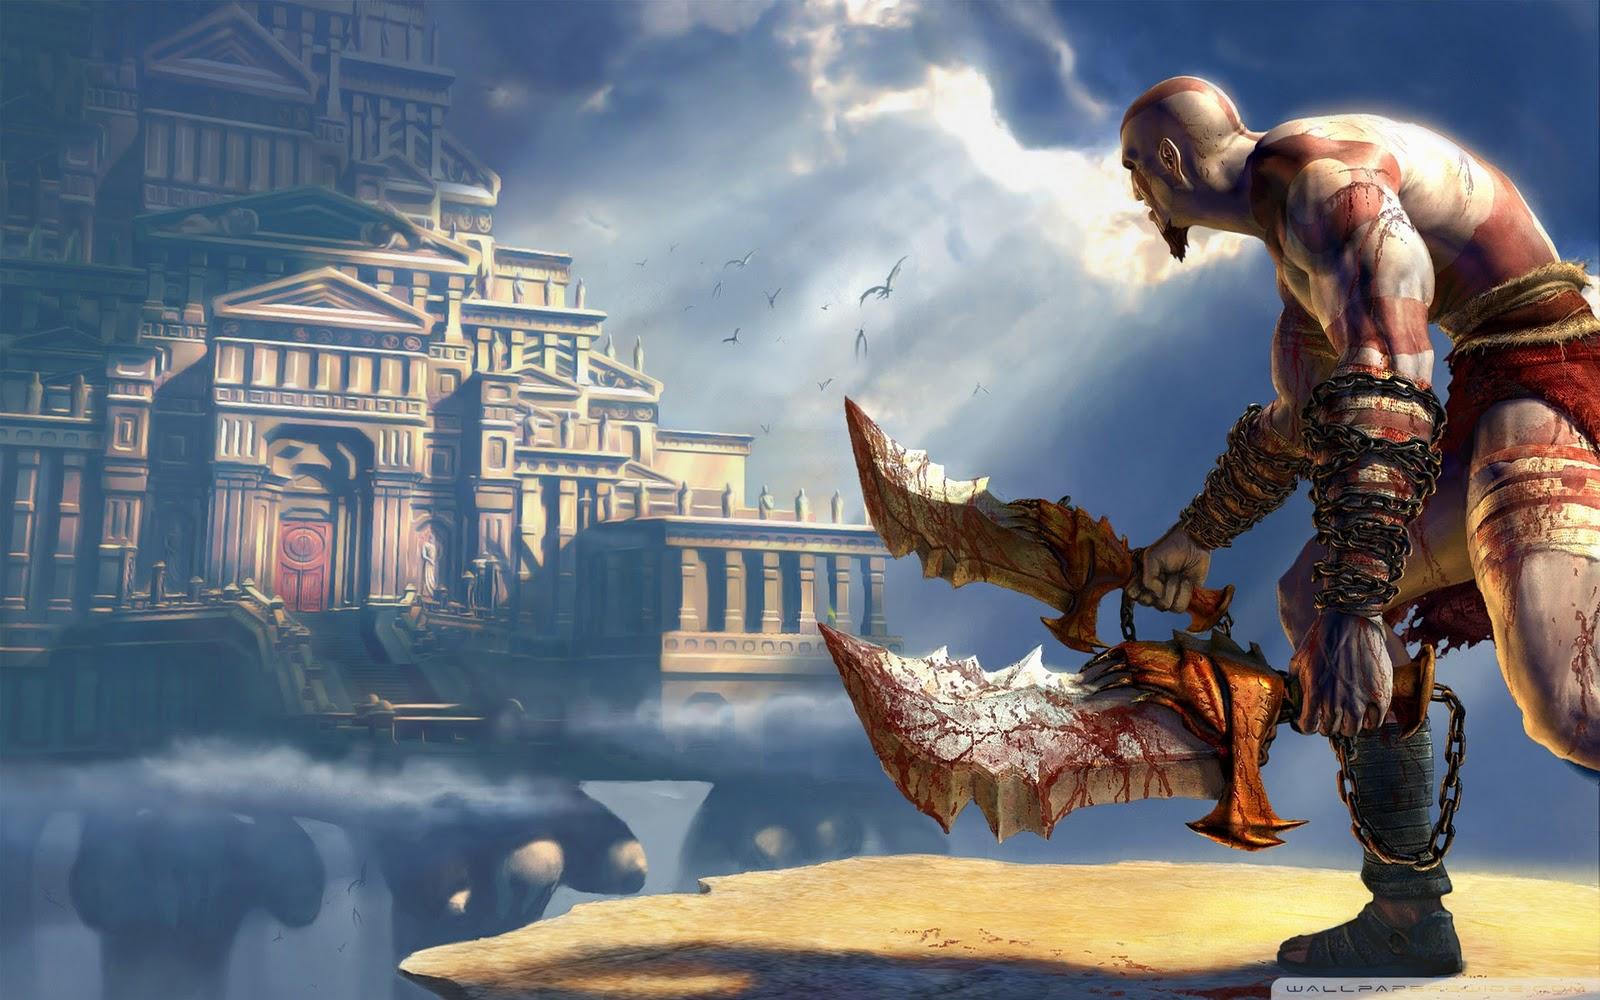 http://1.bp.blogspot.com/-SFAoAvBDiM8/Tv-9a9BGgCI/AAAAAAAAD68/TgKwgabcDzE/s1600/god_of_war_2-wallpaper-1920x1200.jpg